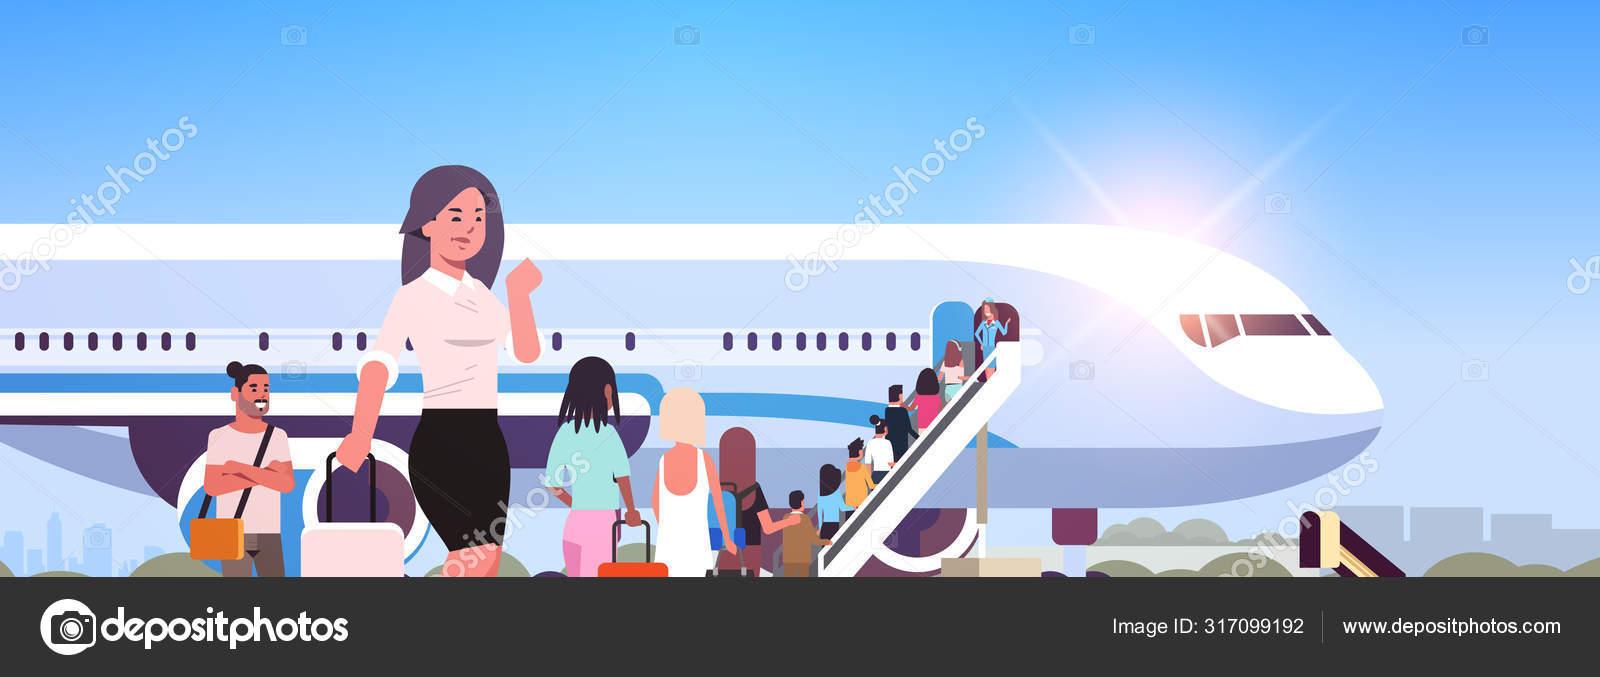 фото прикольные картинки полета в самолете для пассажиров взять аренду продукт